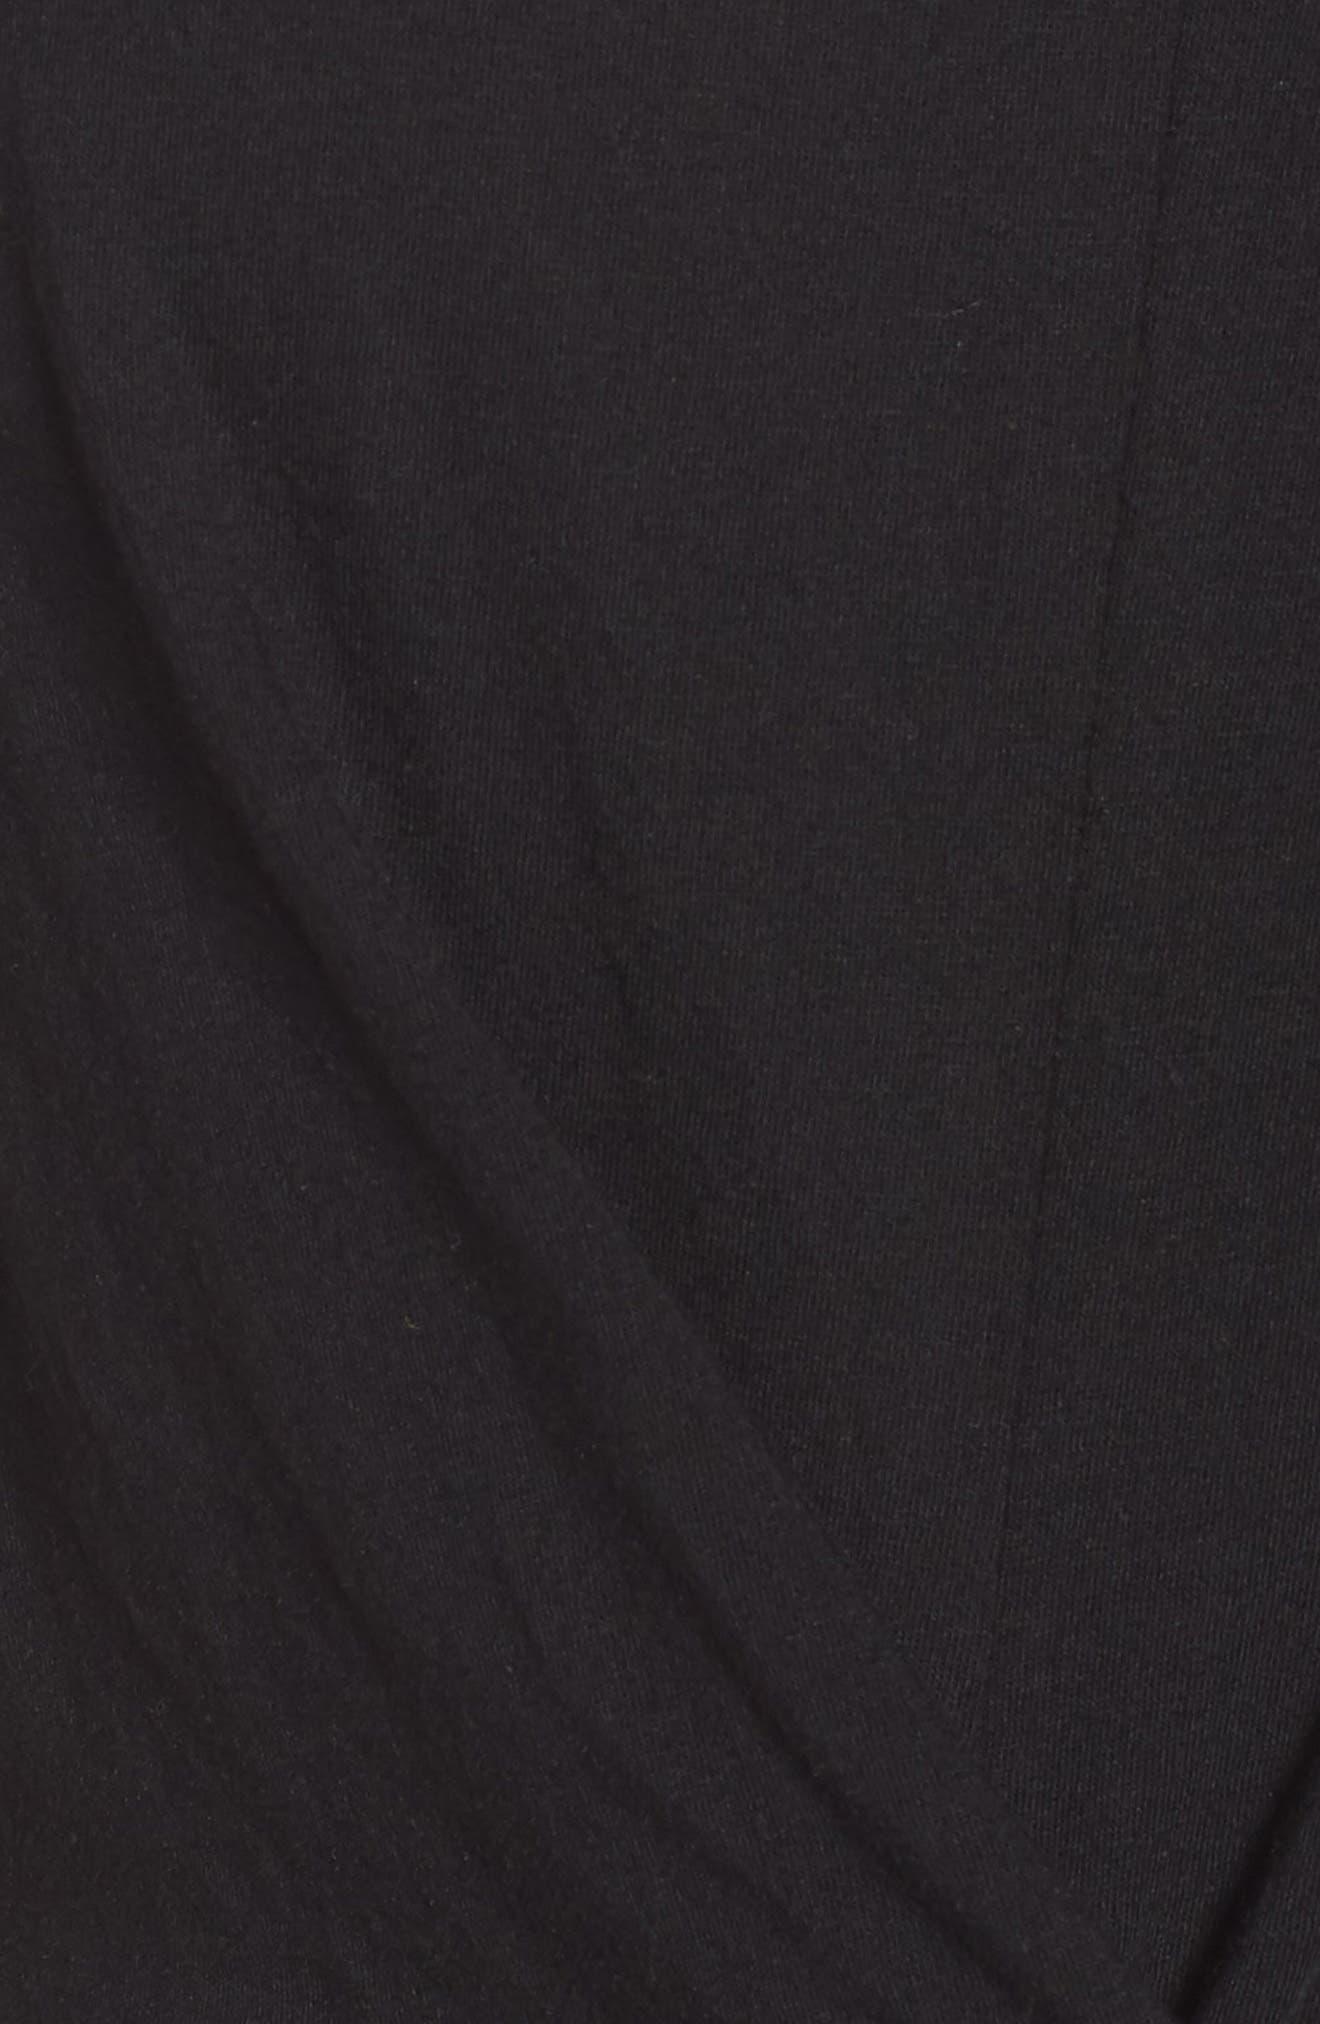 Ruffle Sleeve Twist Hem Tee,                             Alternate thumbnail 6, color,                             001